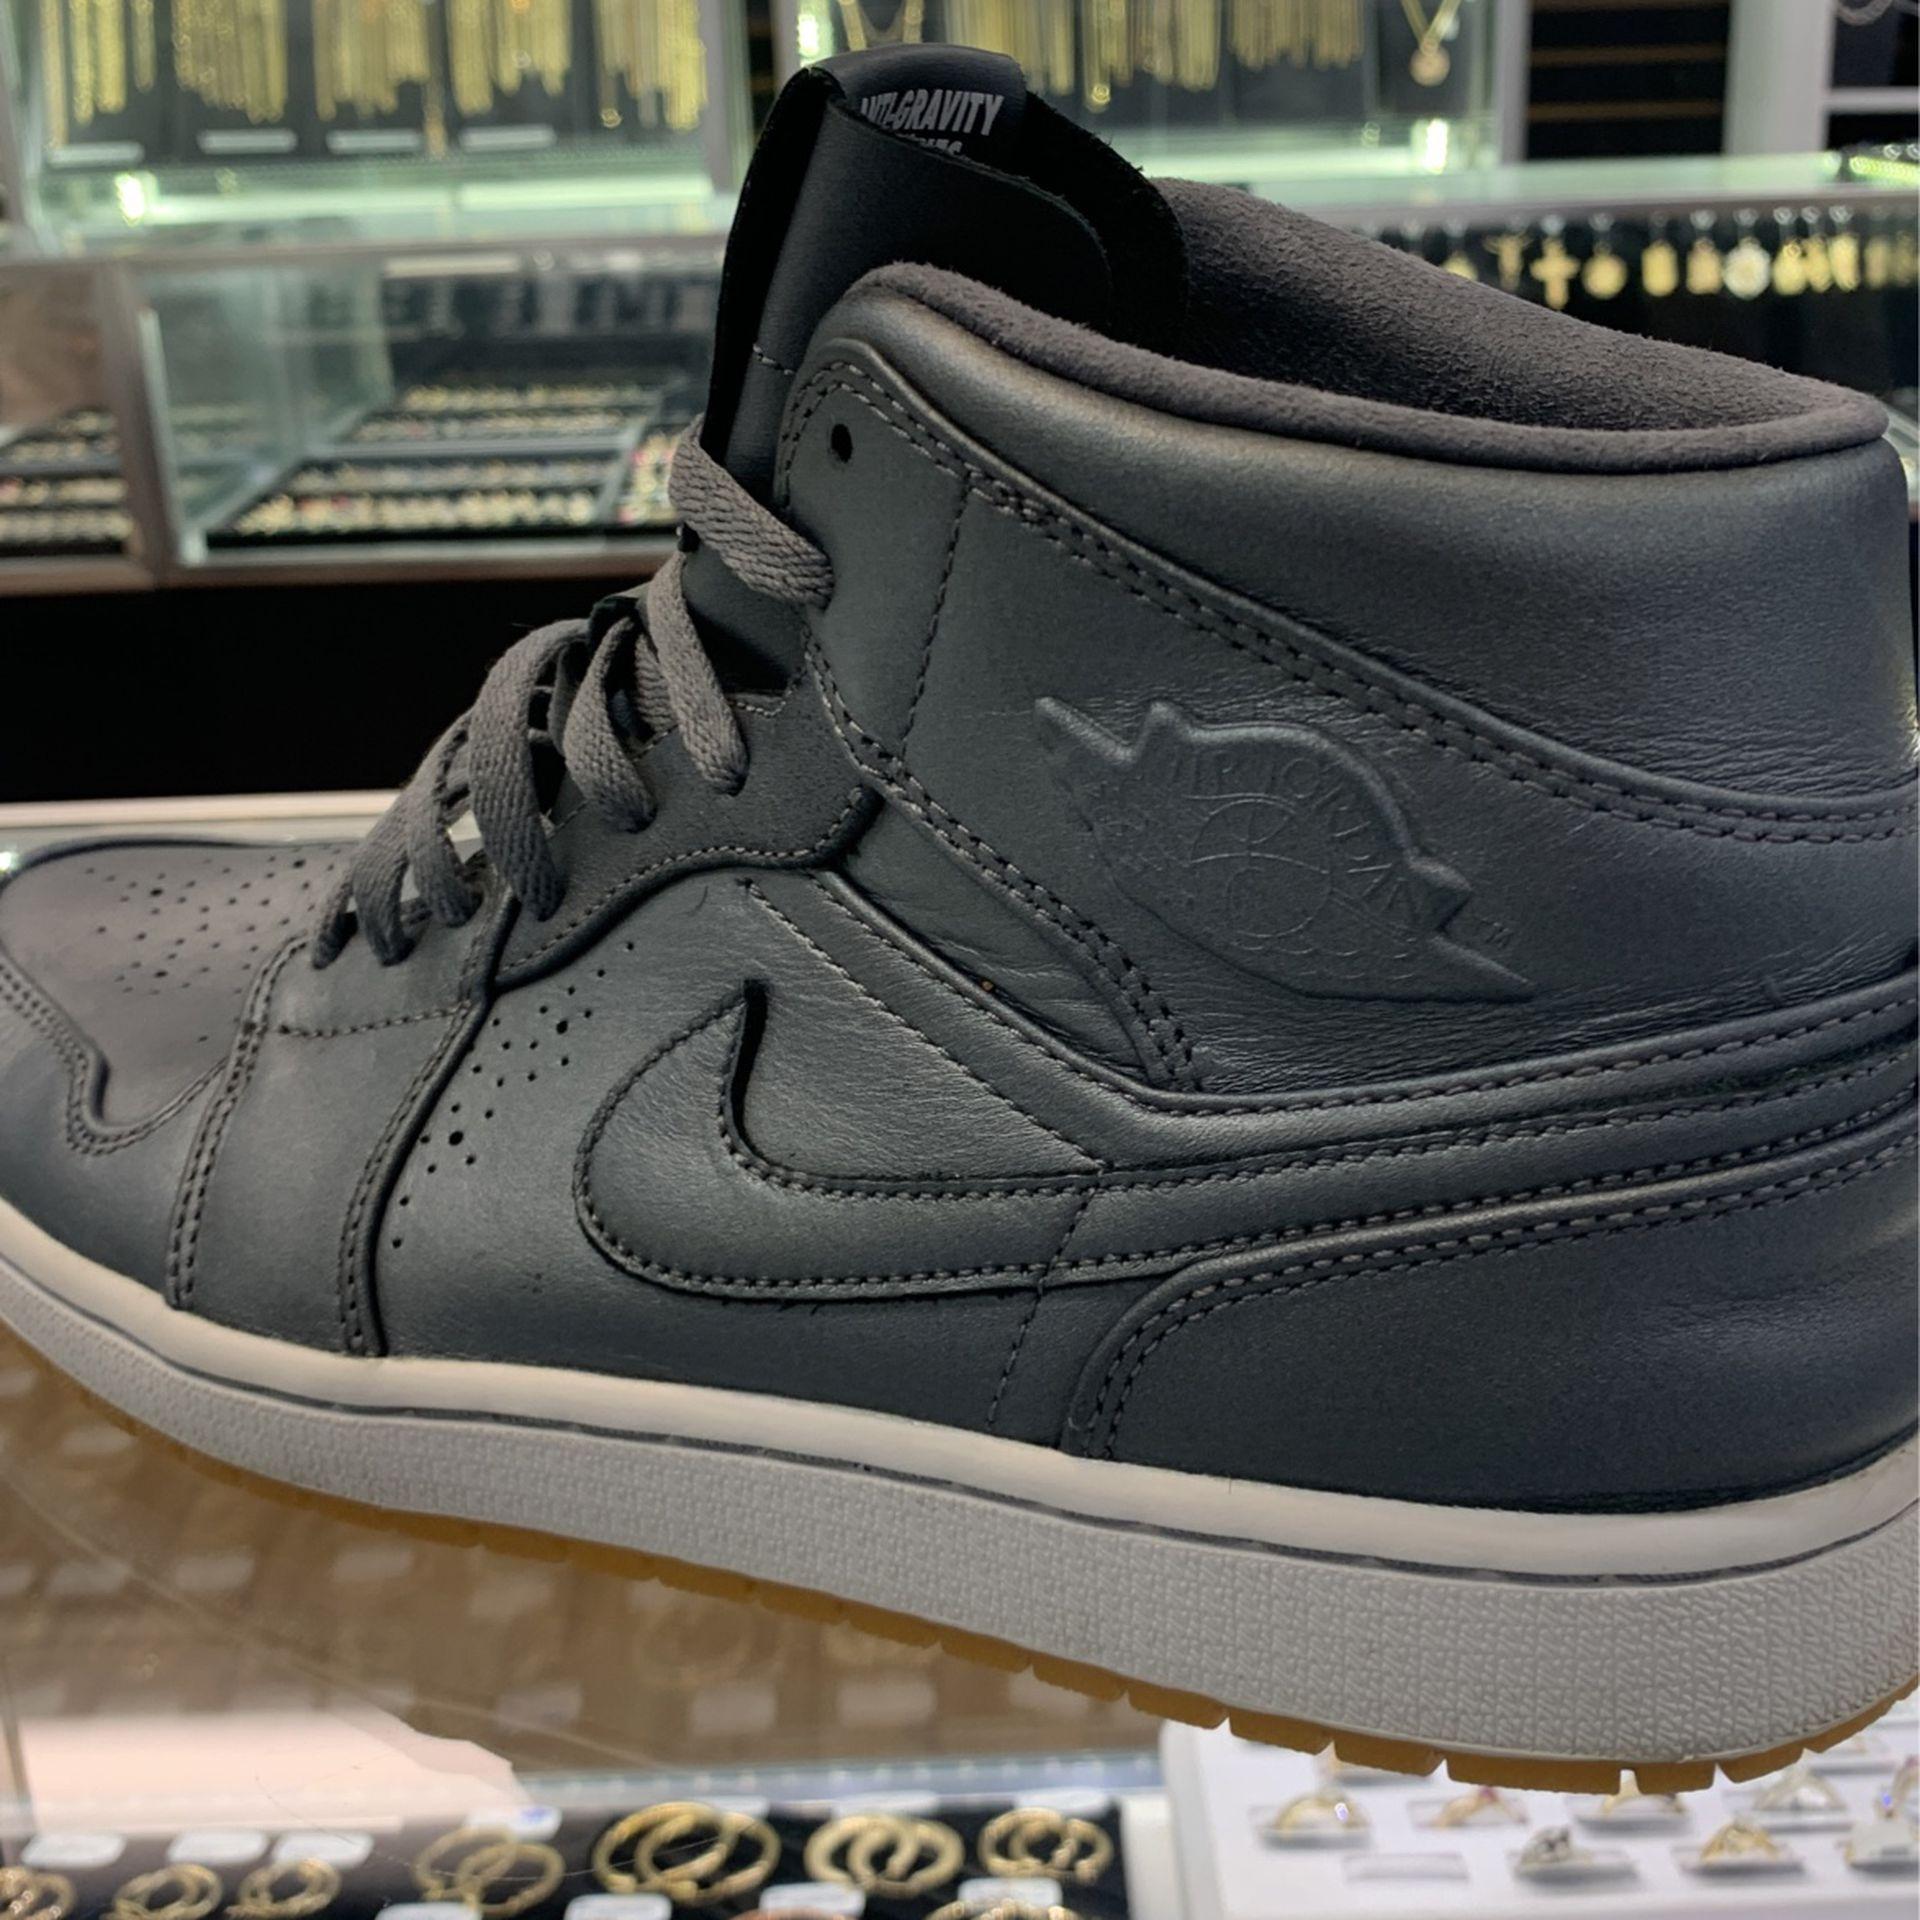 Jordan 1 Mid Nouveau Shoes 131932-1